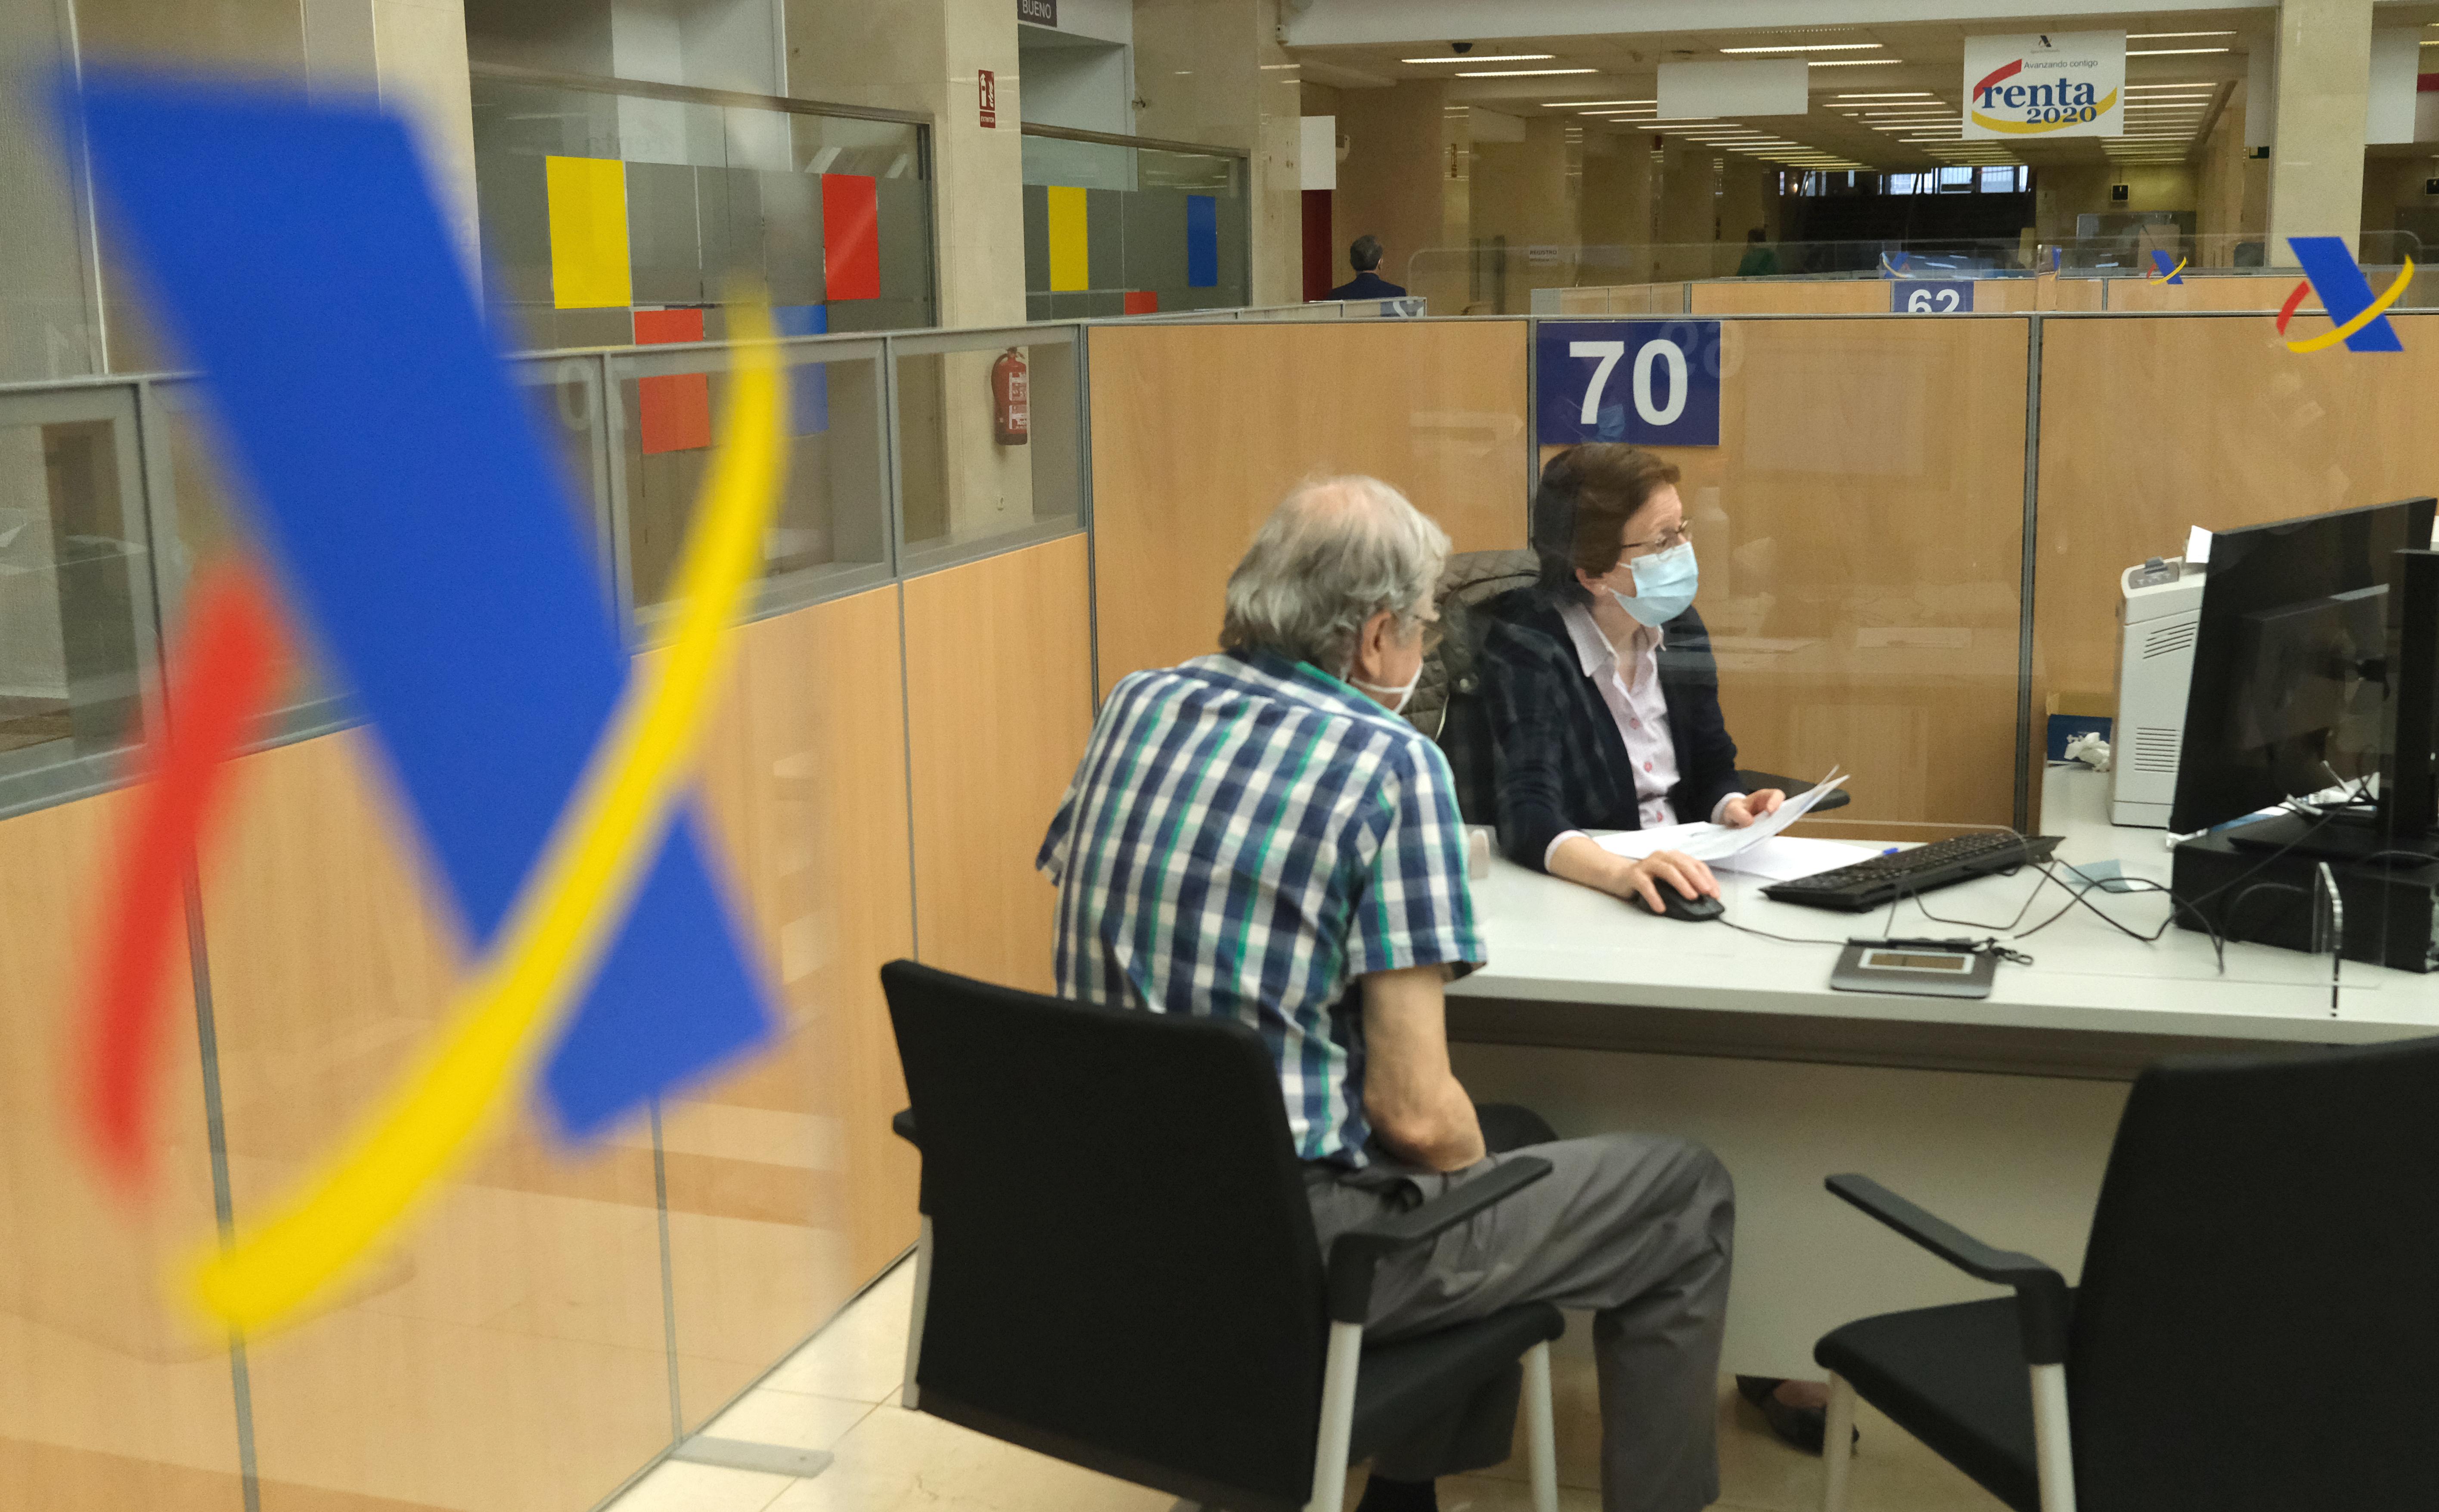 Una empleada atiende a una persona de manera presencial desde una oficina de la Agencia Tributaria